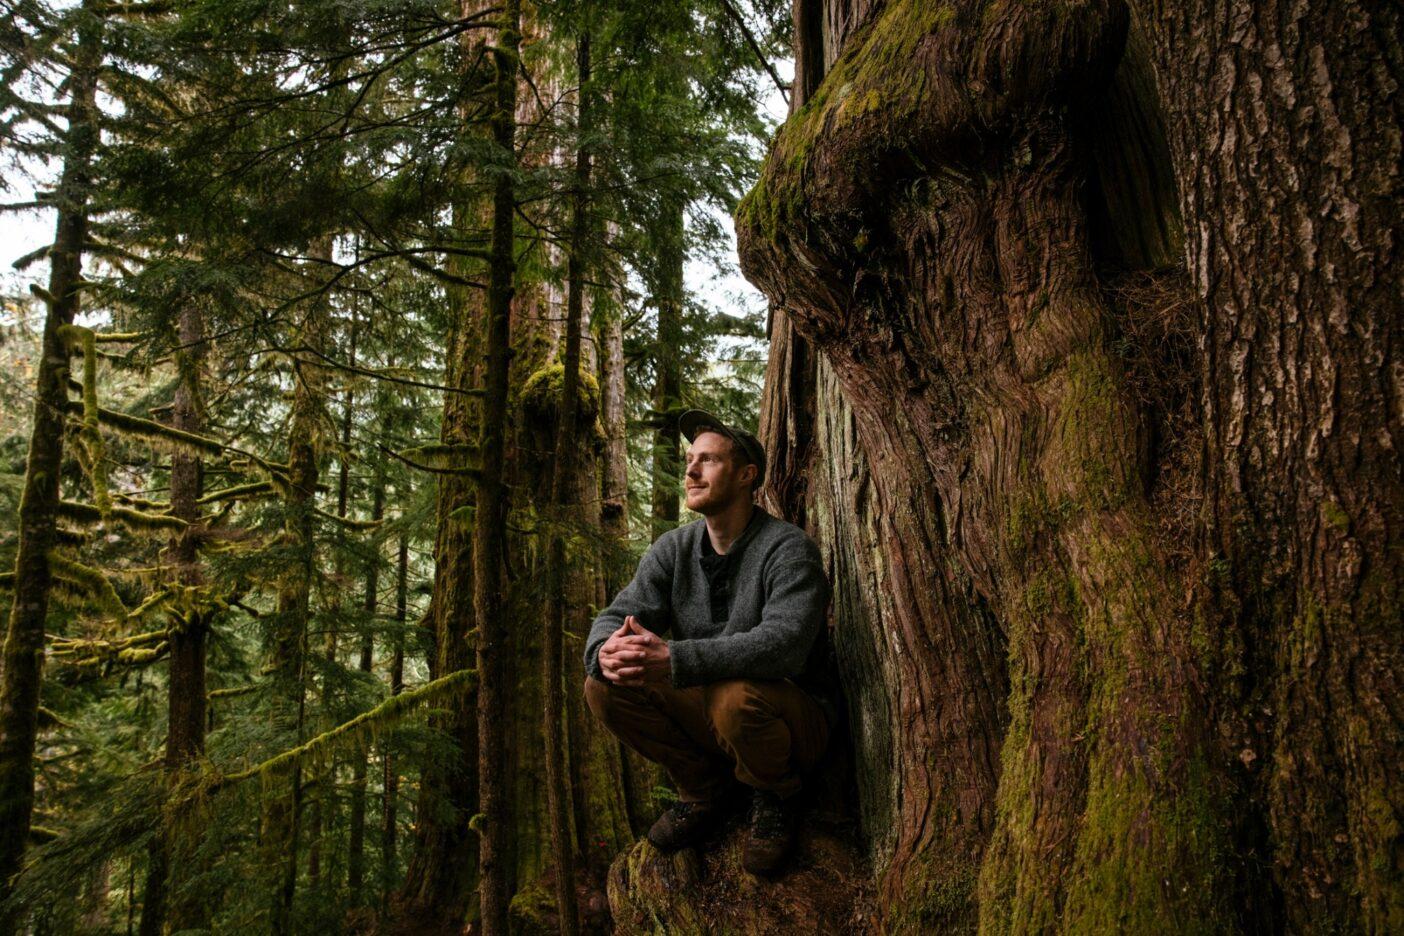 ワットのお気に入りの場所、バンクーバー島南部の原生林にて。彼はこの木々を守ることをライフワークにしている。Photo: Jeremy Koreski